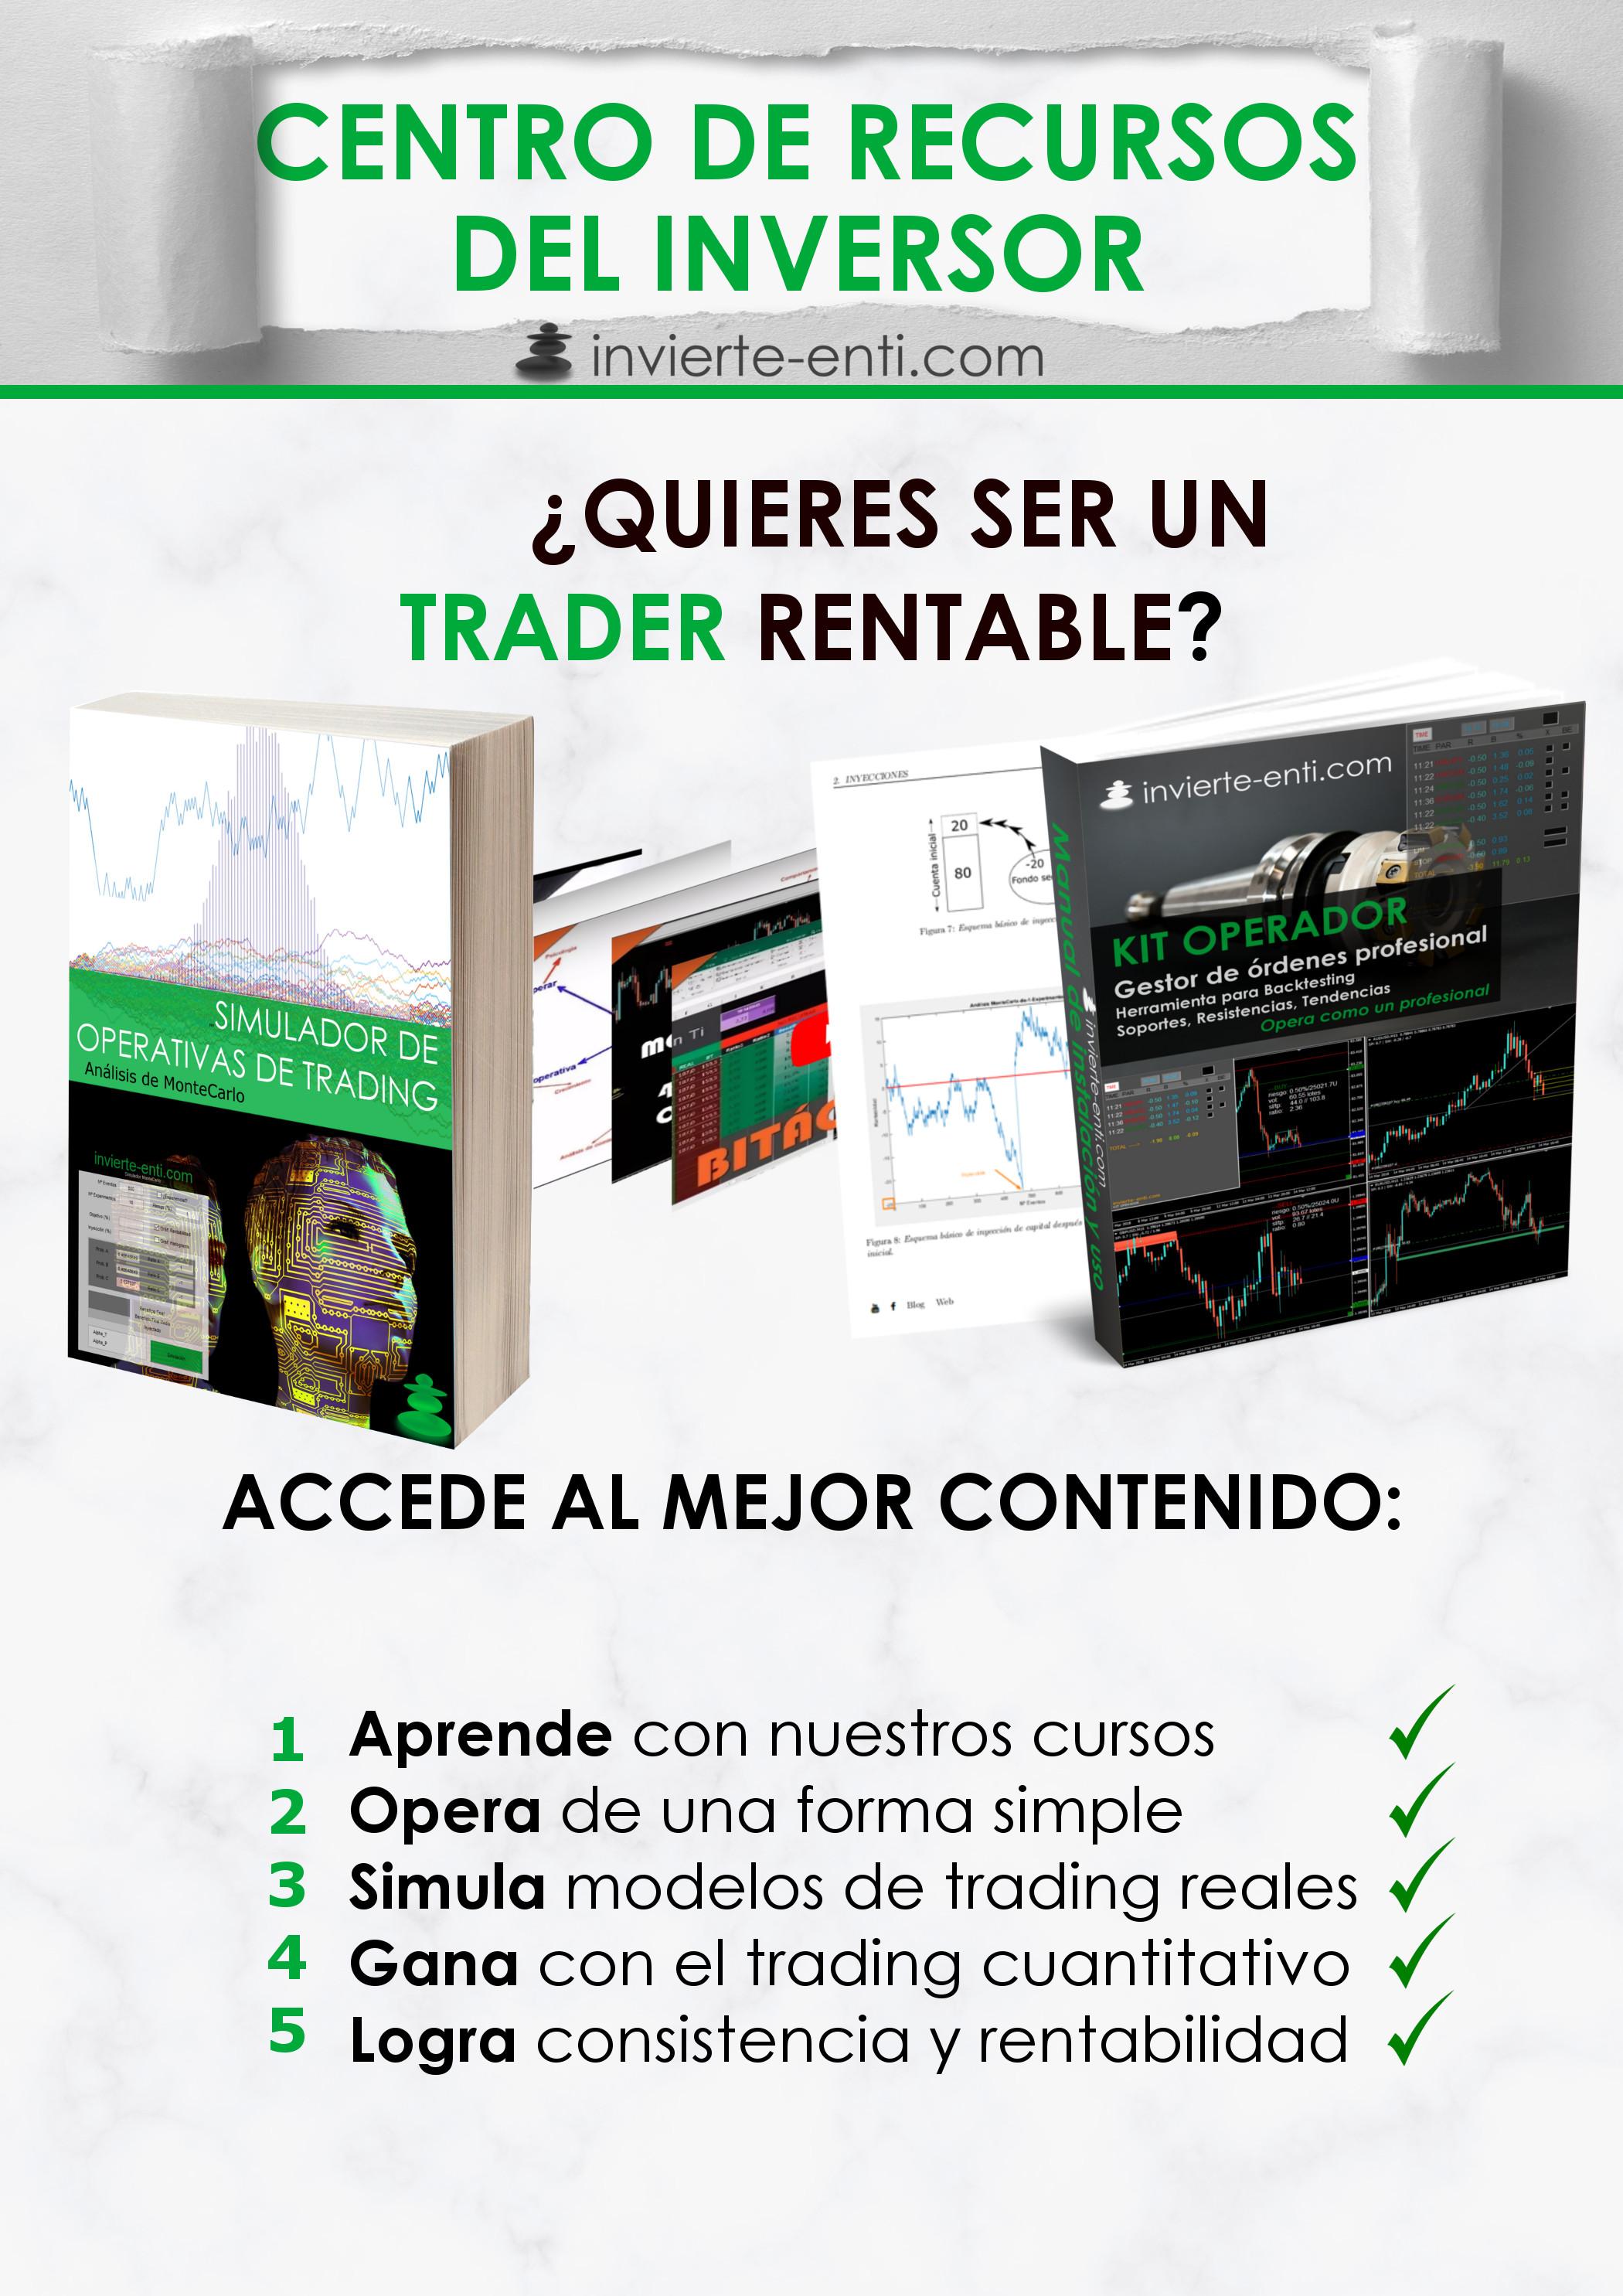 Centro de recursos del Inversor invierte en ti